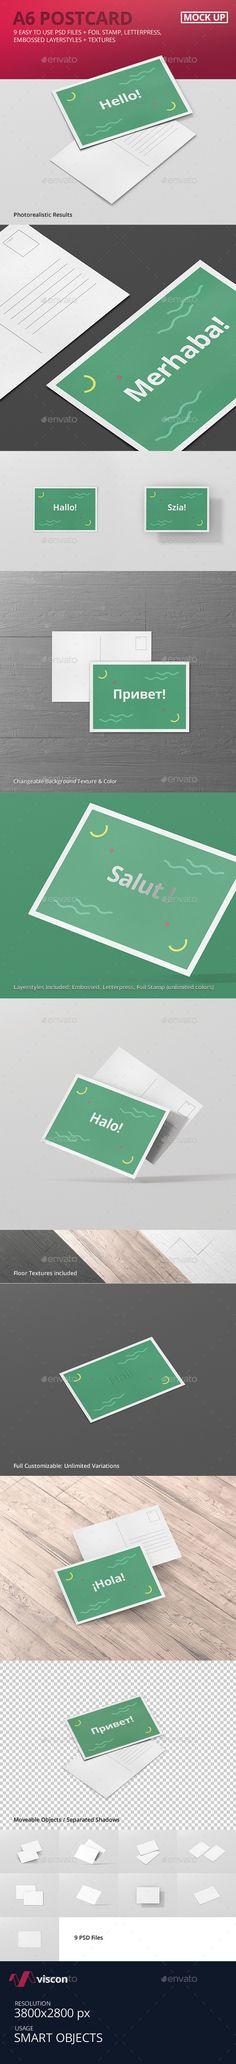 A6 Postcard / Flyer Mockup #design Download: http://graphicriver.net/item/a6-postcard-flyer-mockup/14387938?ref=ksioks